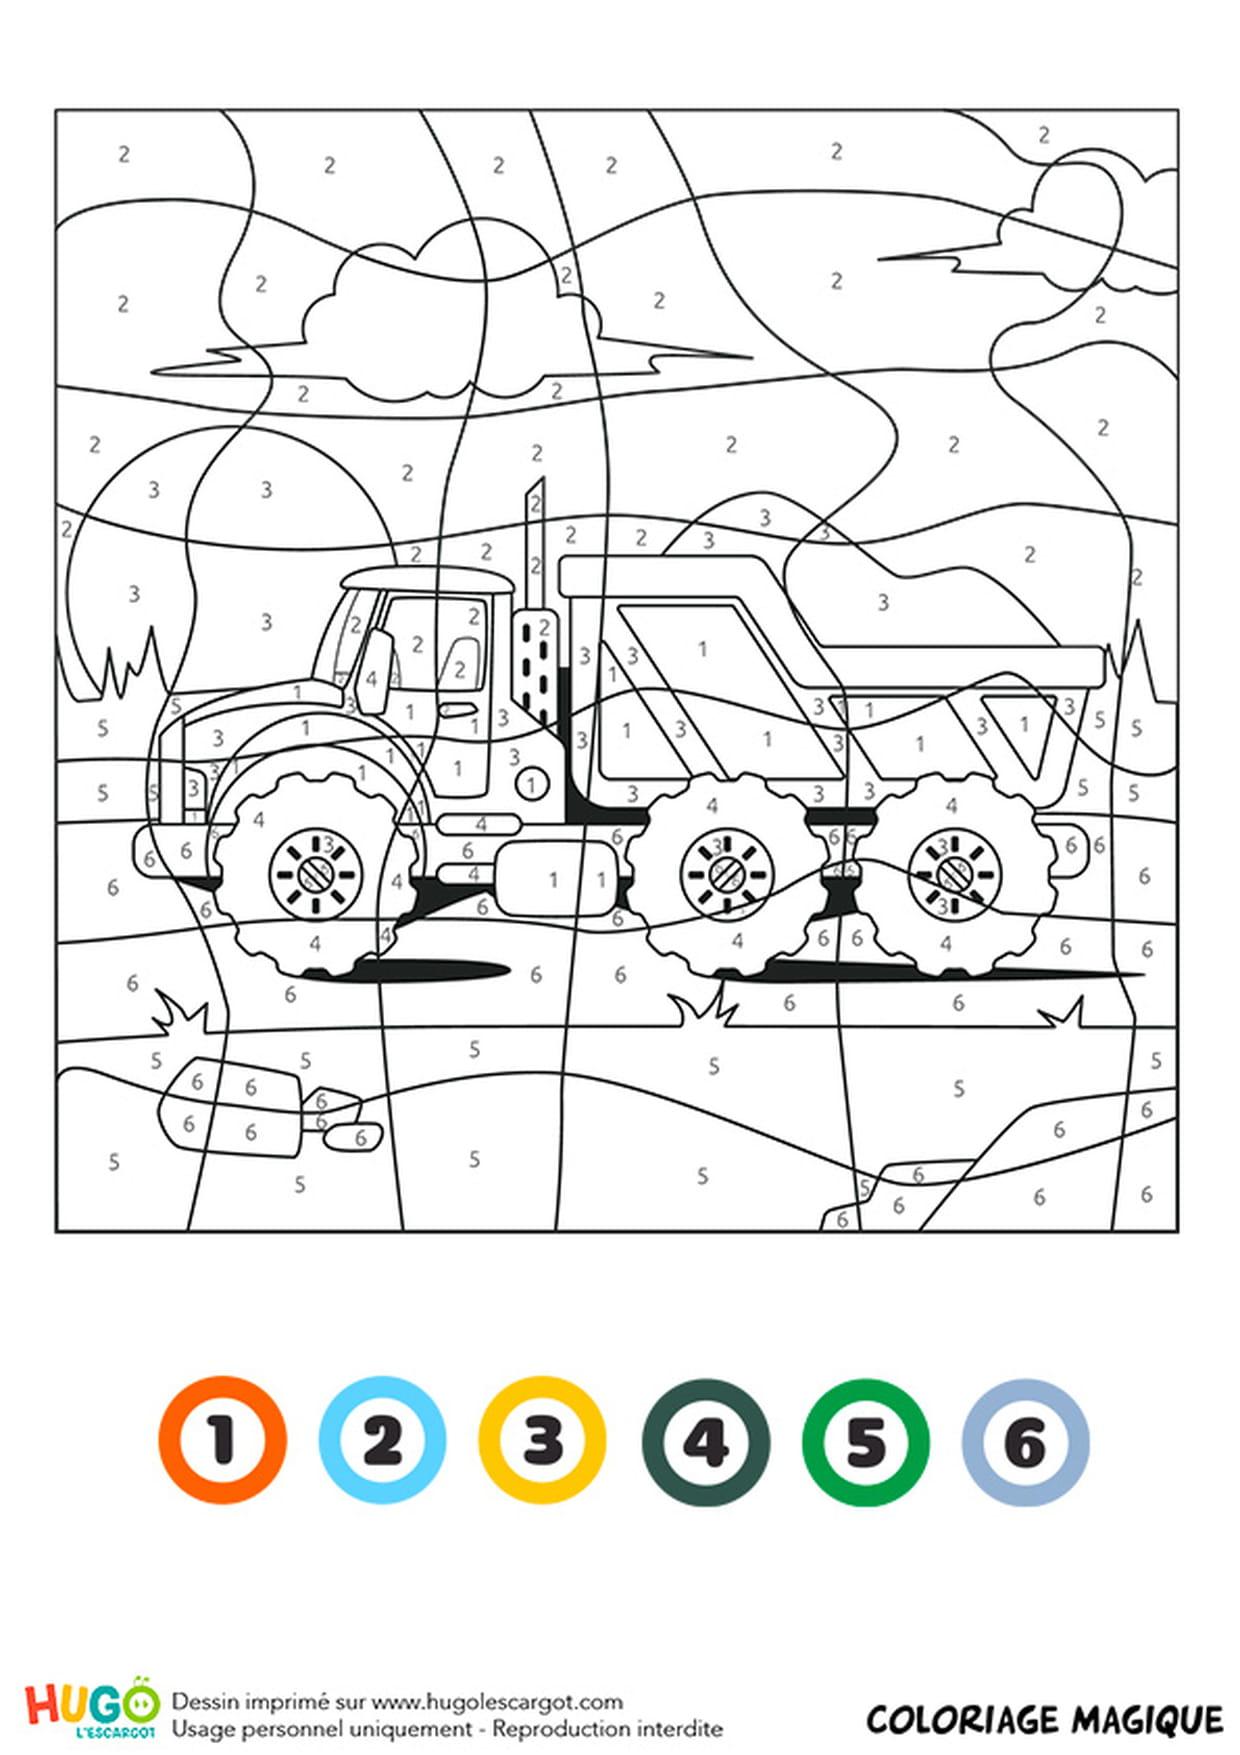 Coloriage magique CE32  un camion benne